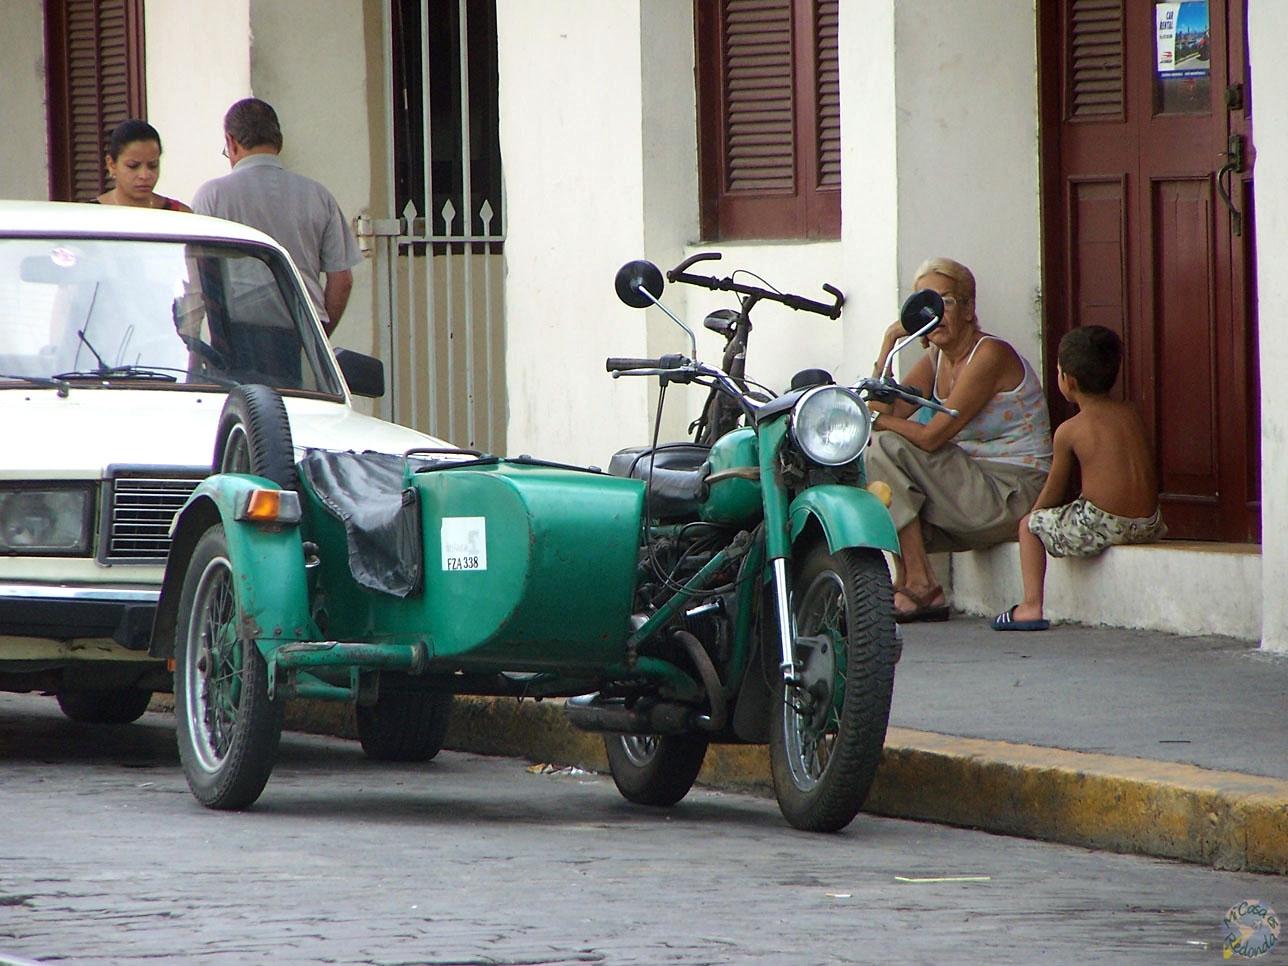 Sidecar!